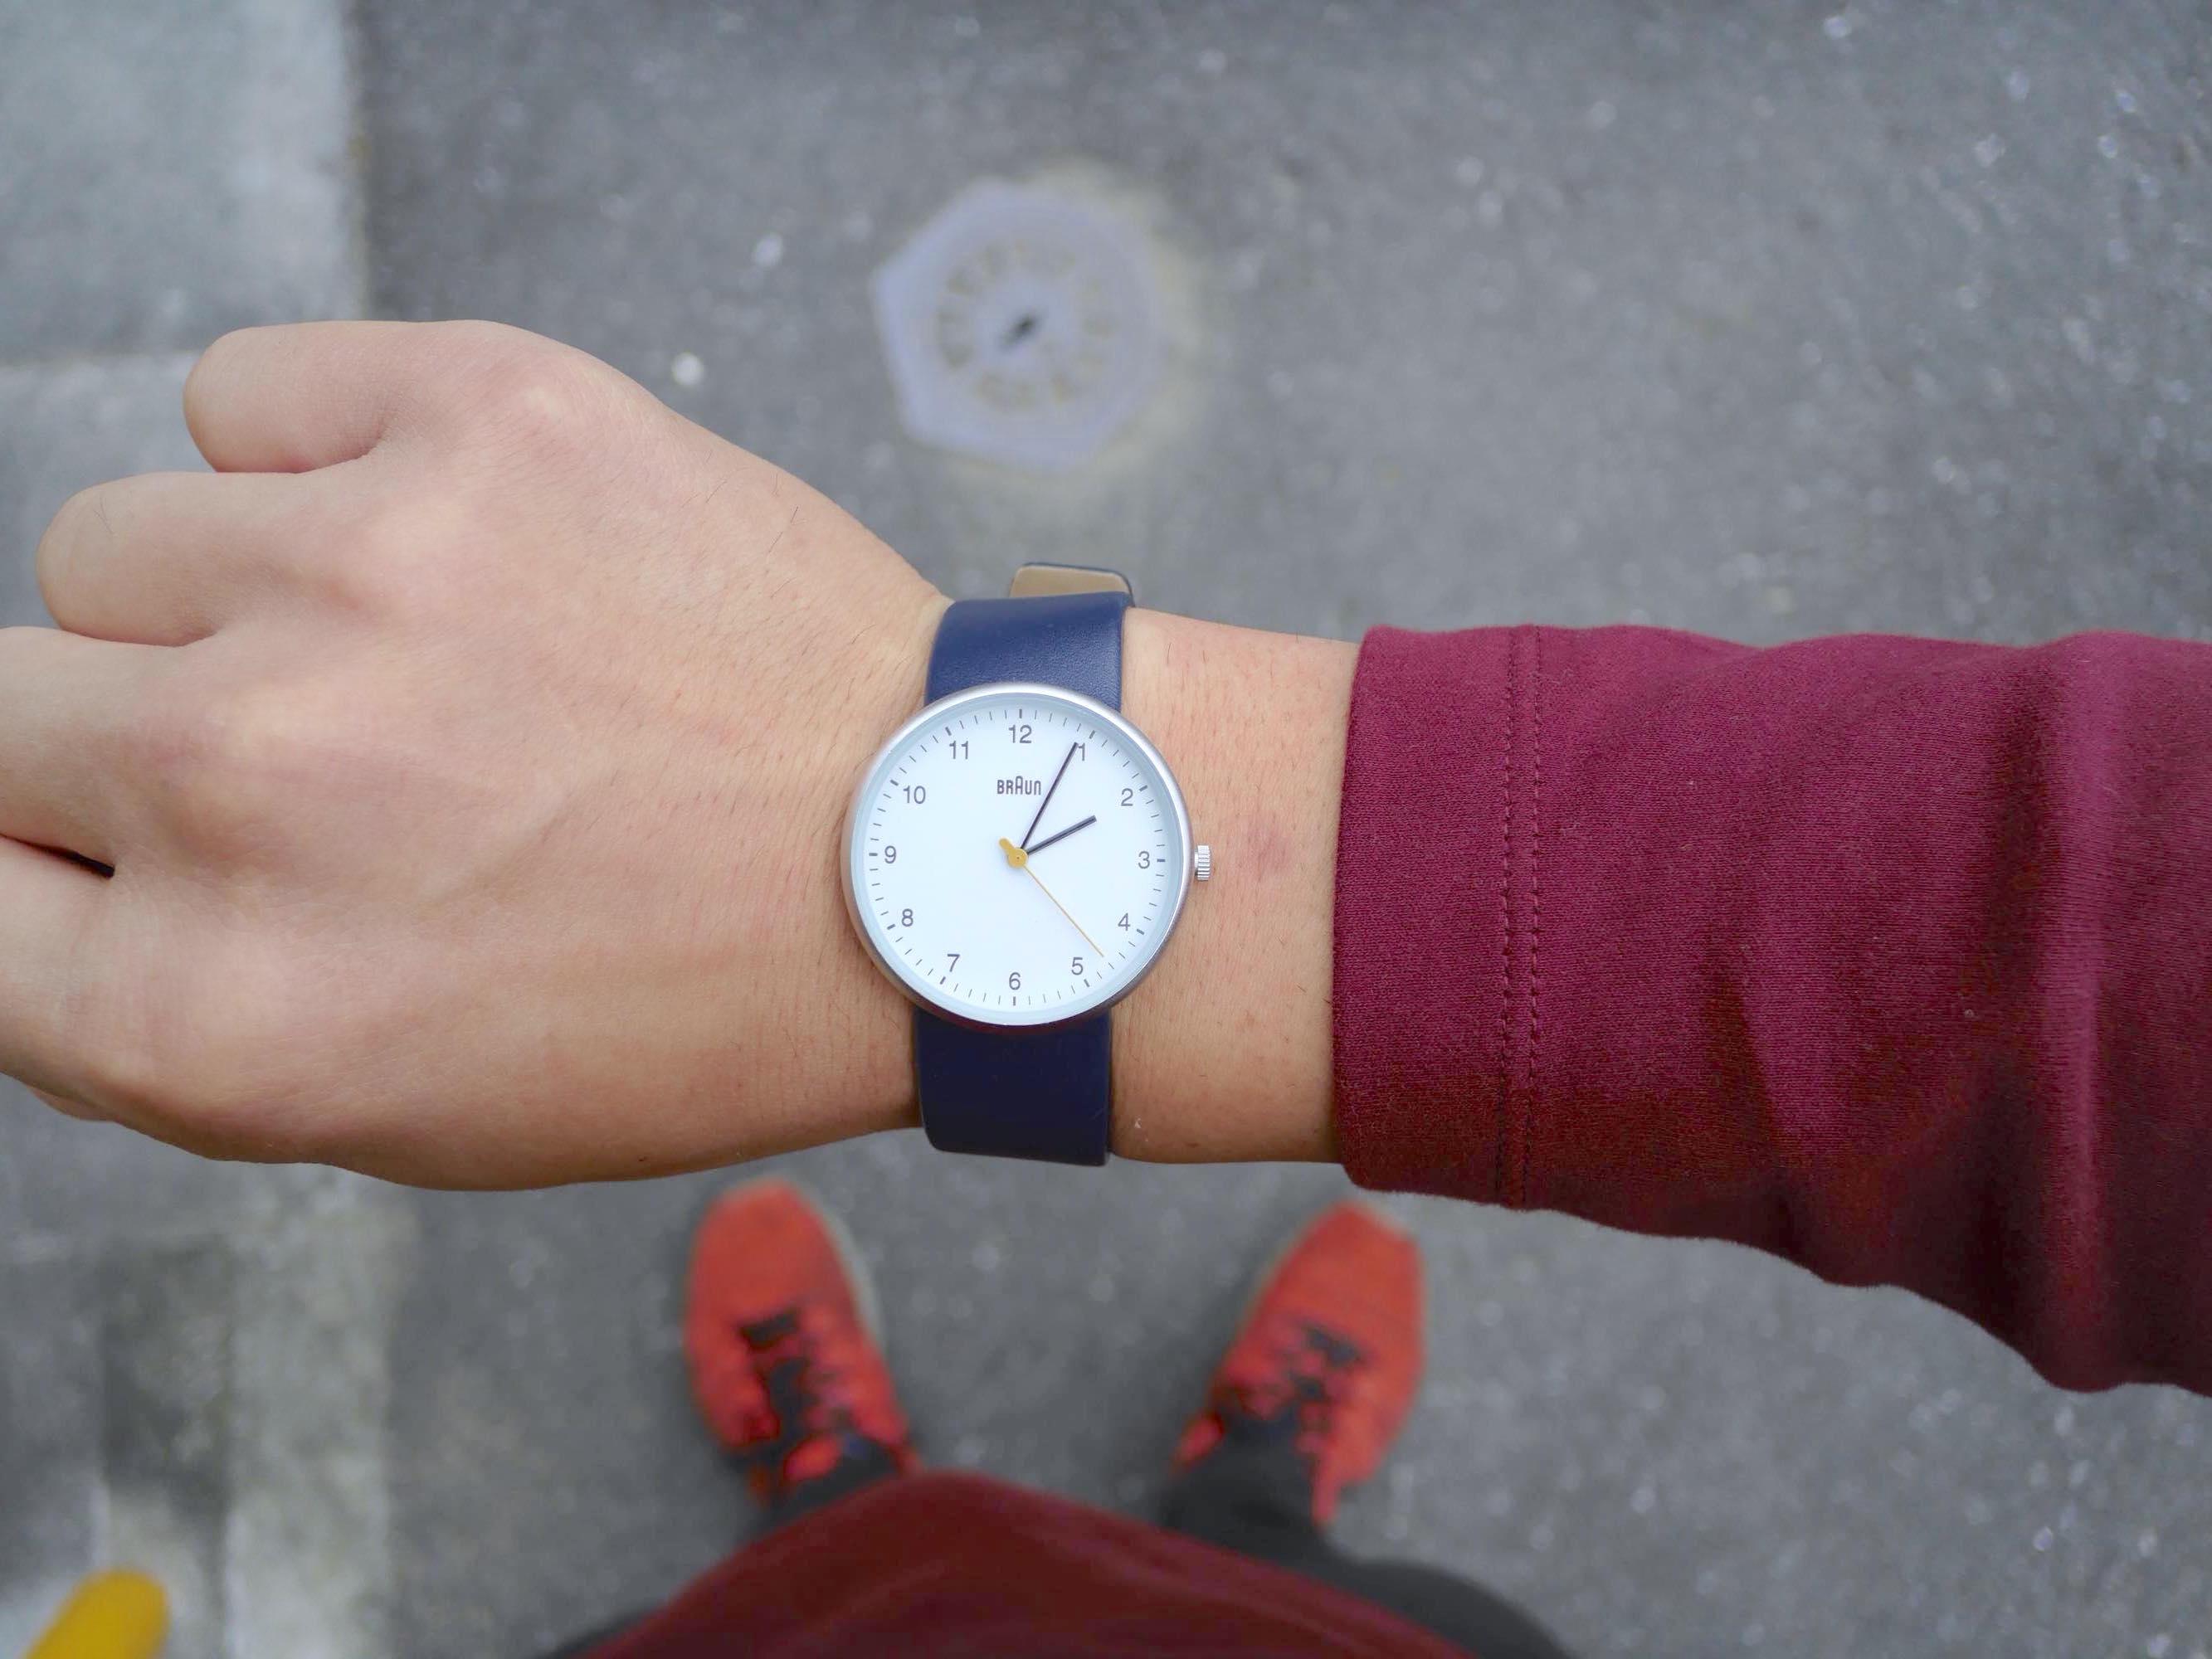 braun-watch8